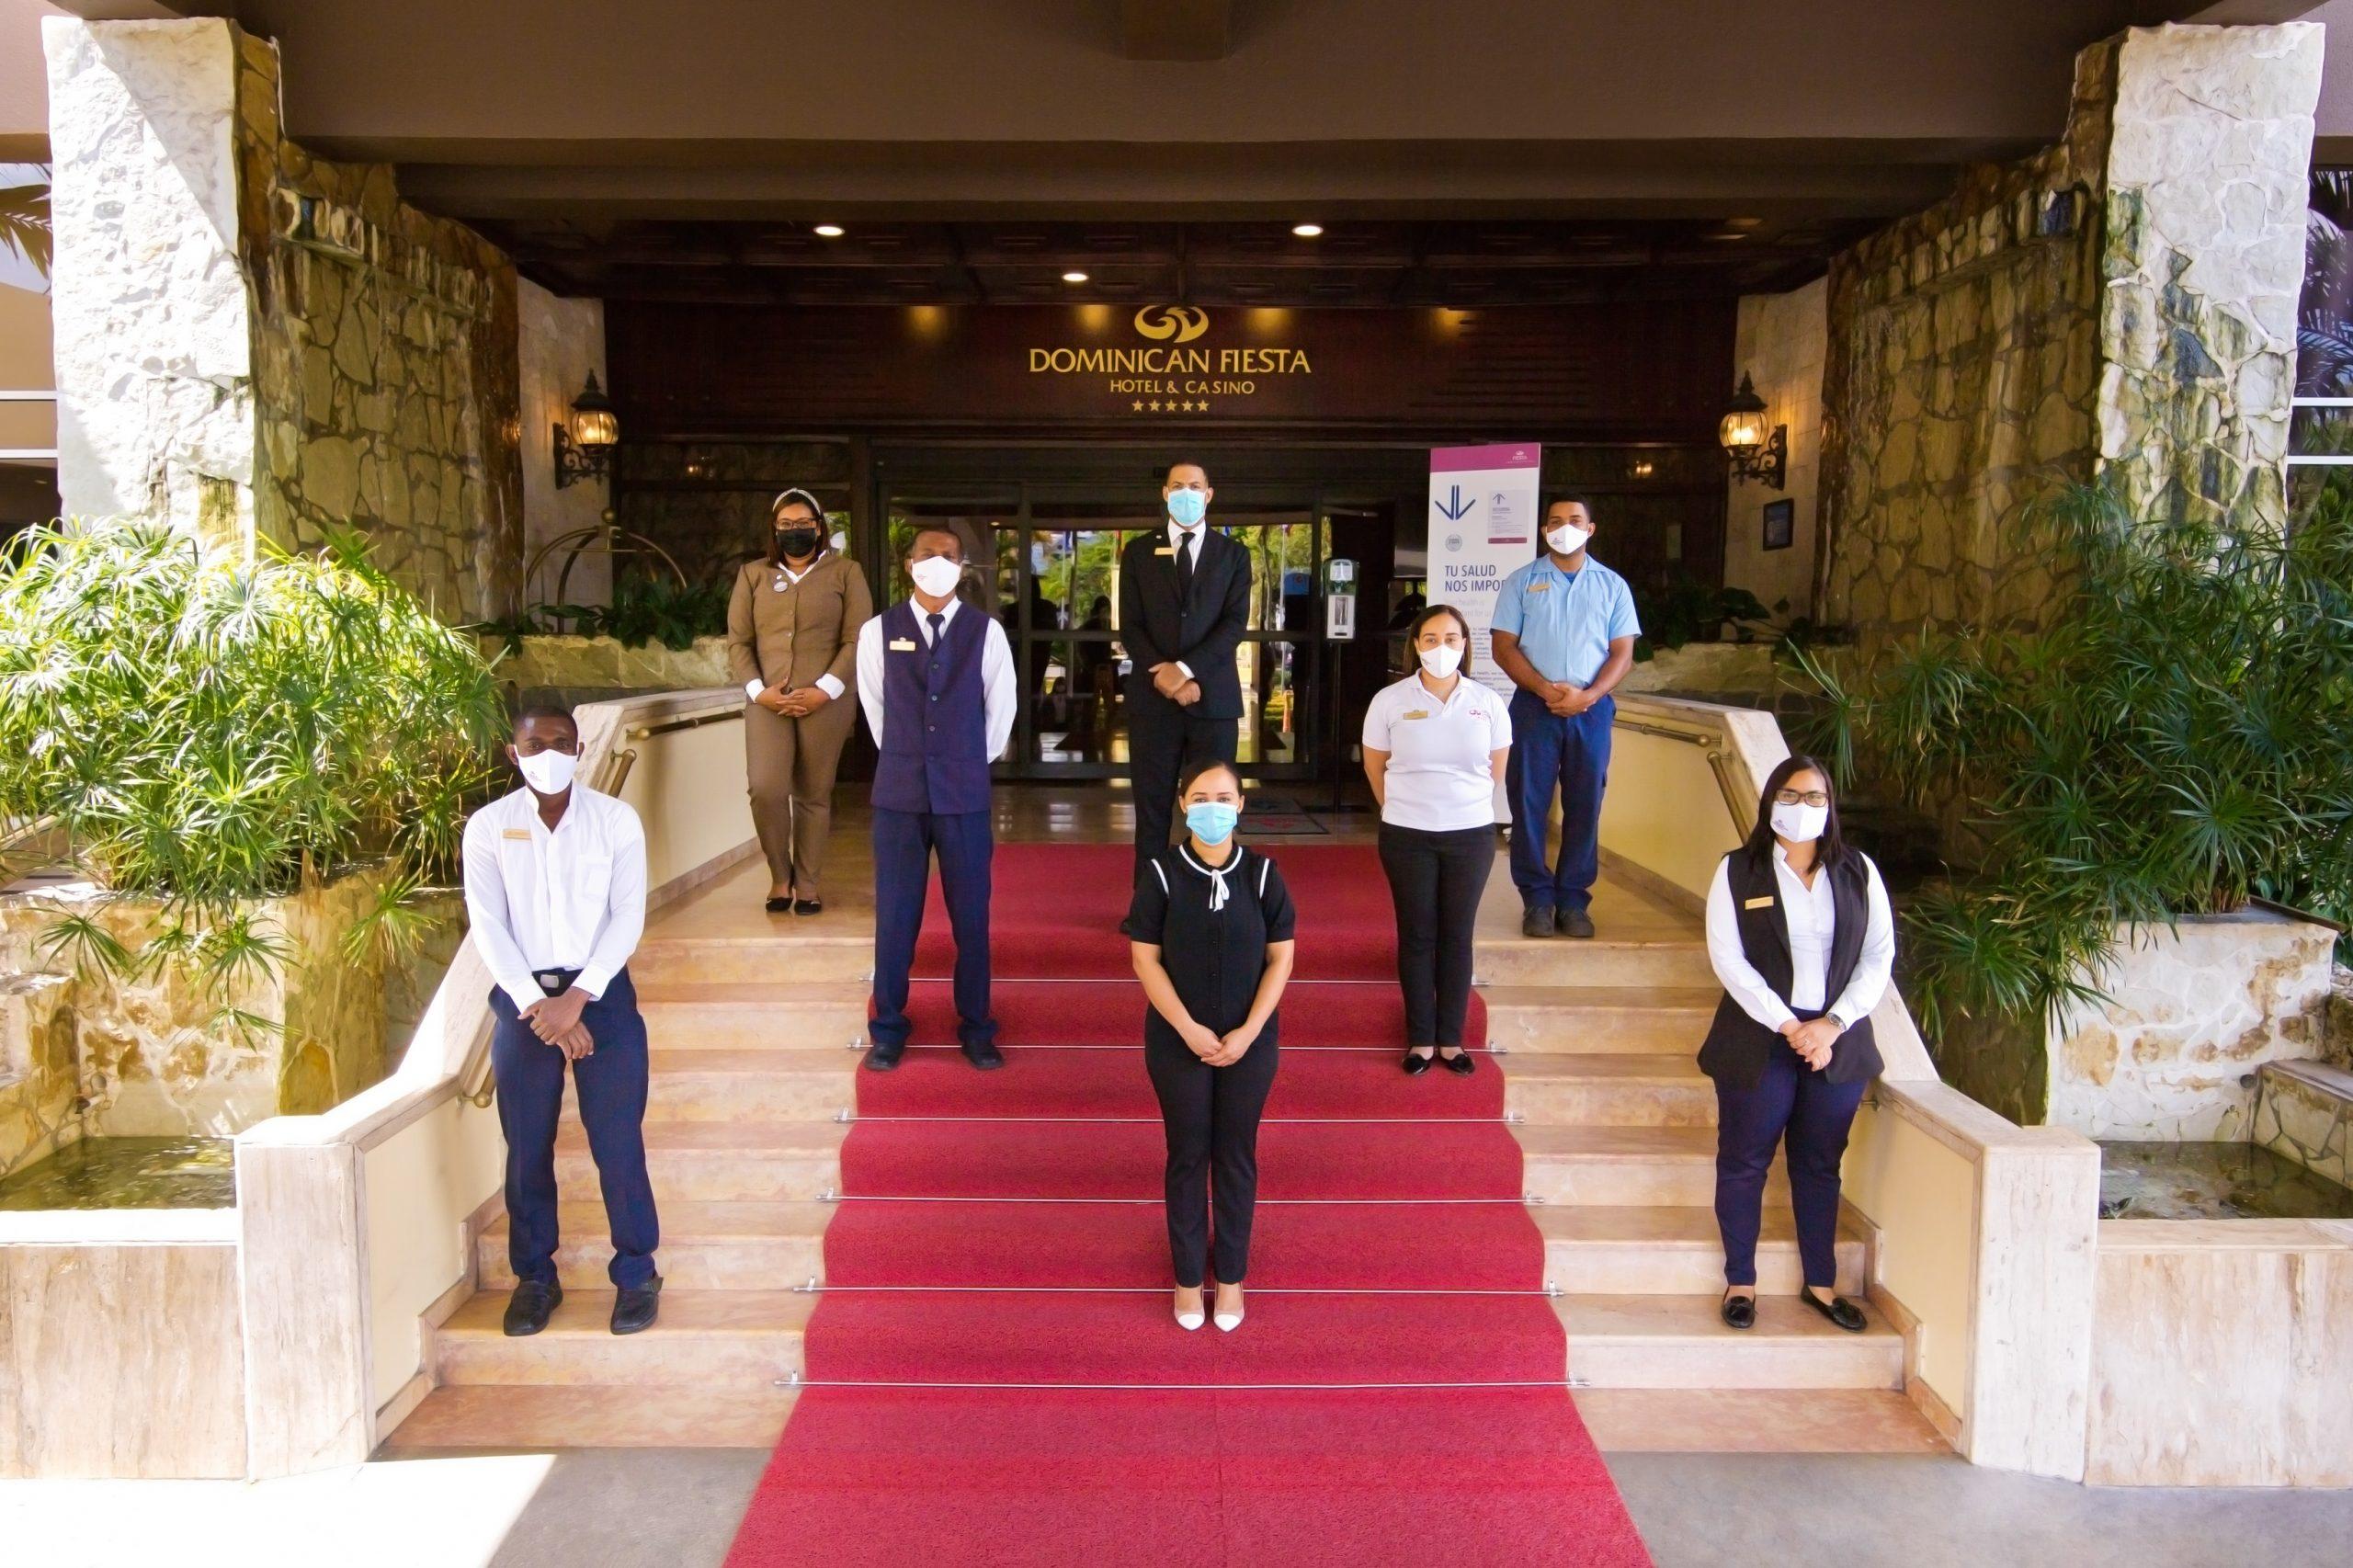 El uso de mascarillas será obligatorio para  todo el personal del hotel y para el huésped cuando se encuentre en las áreas comunes del hotel.